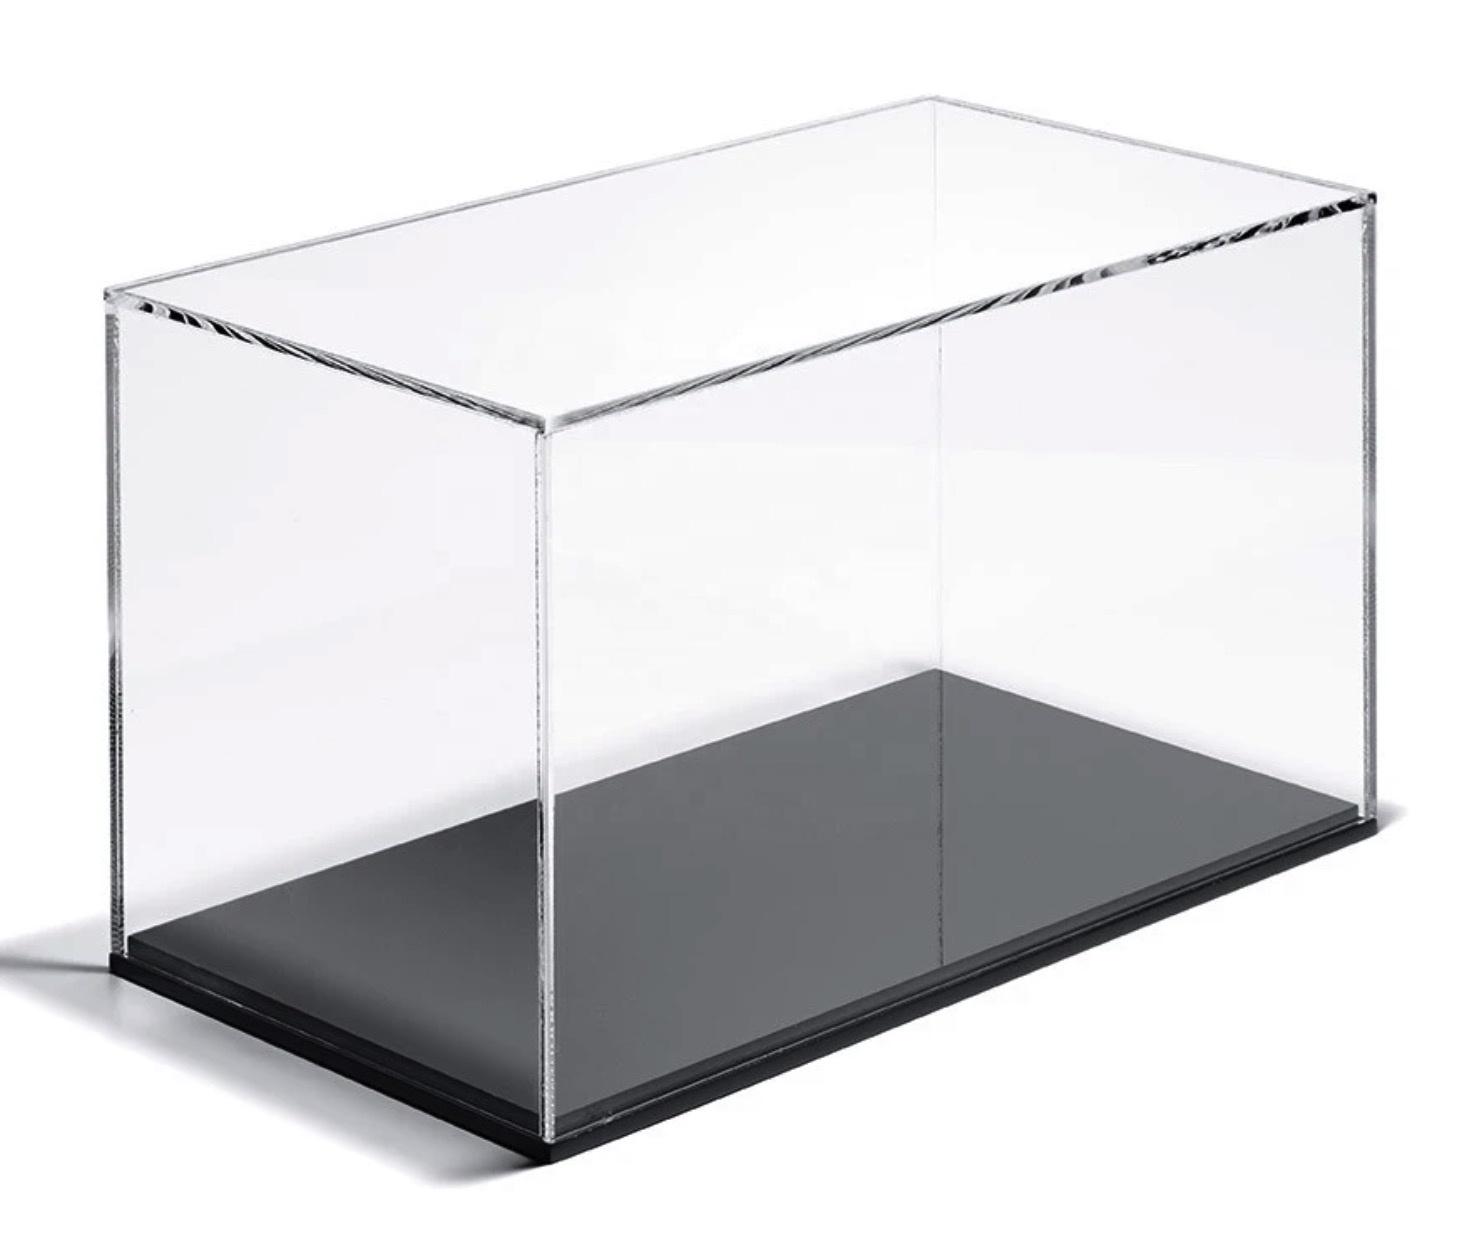 Столешница пластиковая прозрачная коробка дисплея Акриловый Витринный Шкаф